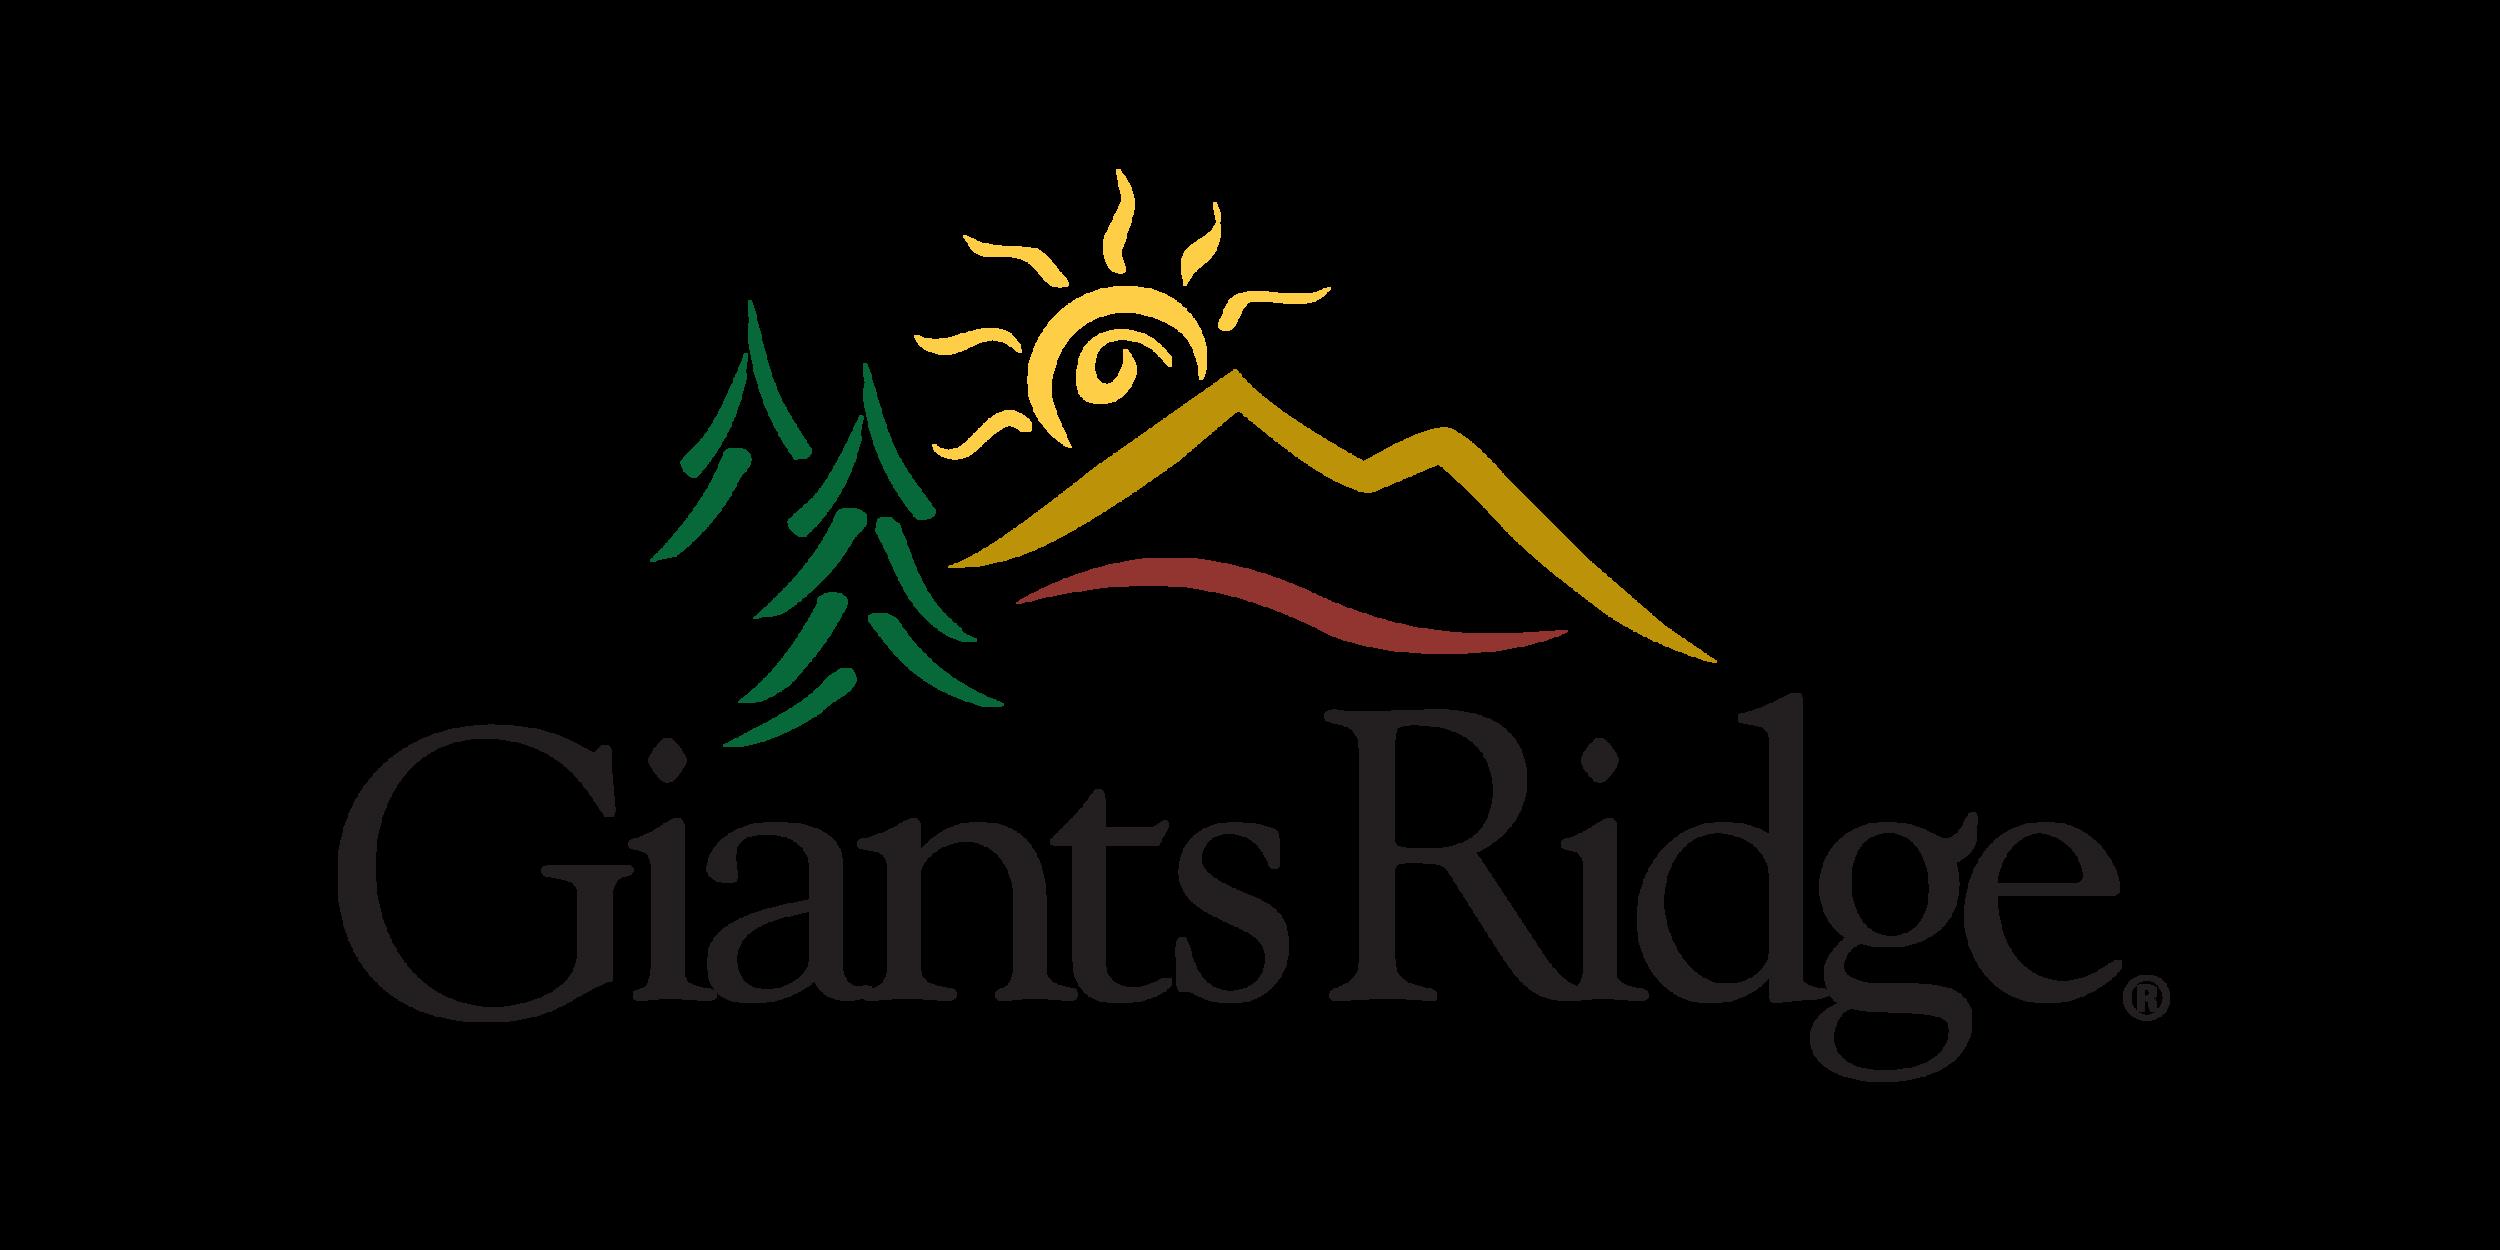 Giants Ridge - Before